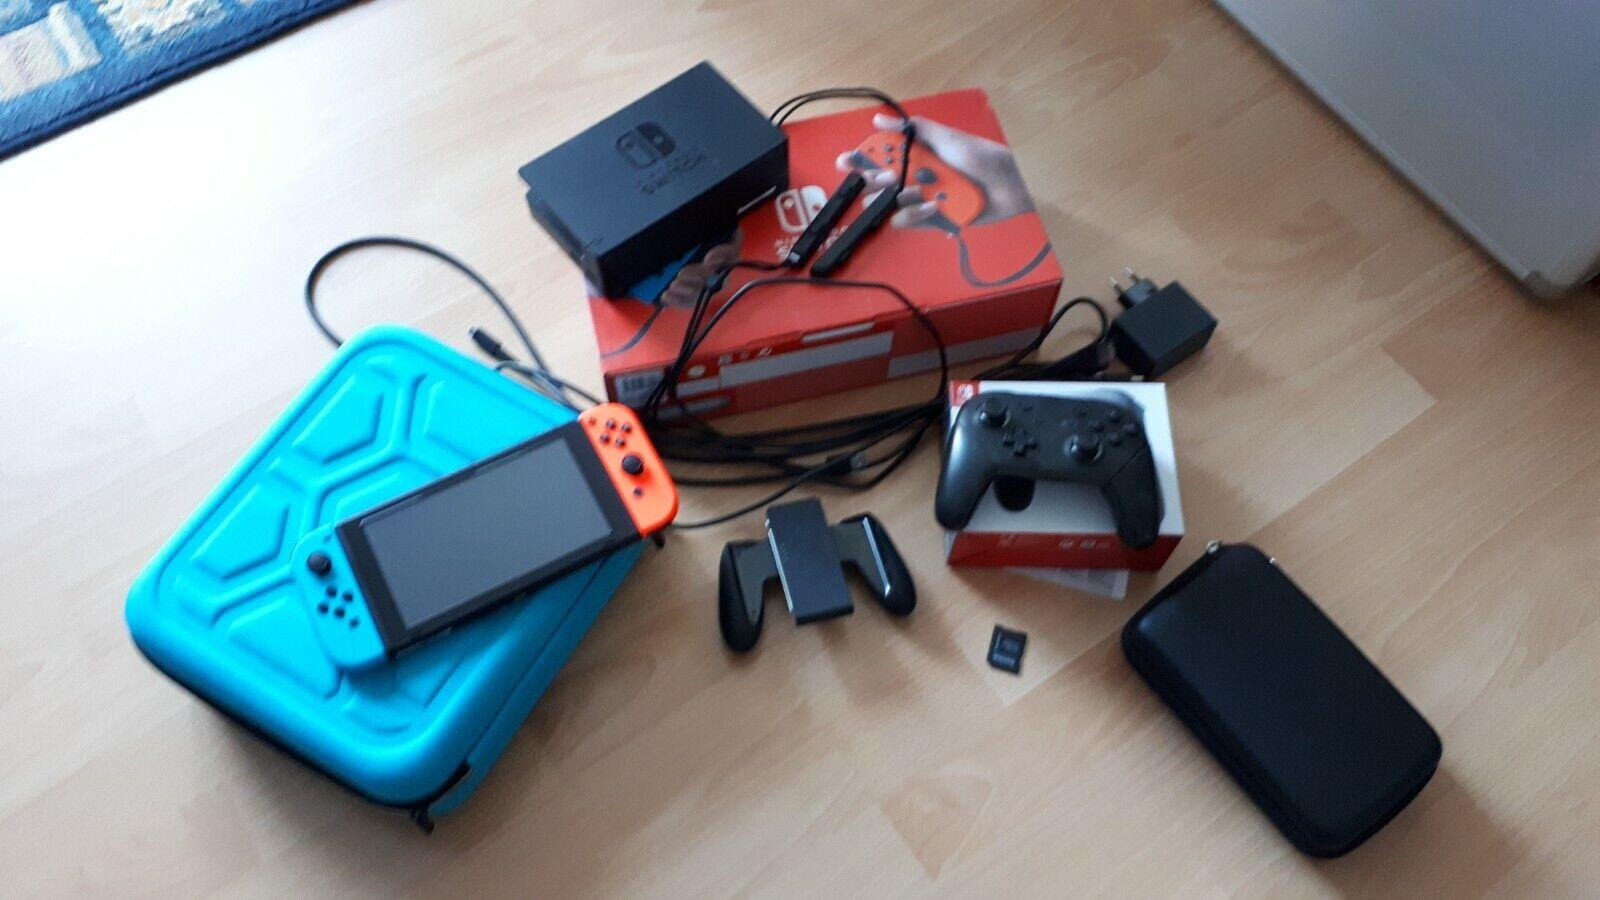 Gebrauchte Nintendo Switch-Konsole (Modell 2019) mit Zubehörpaket